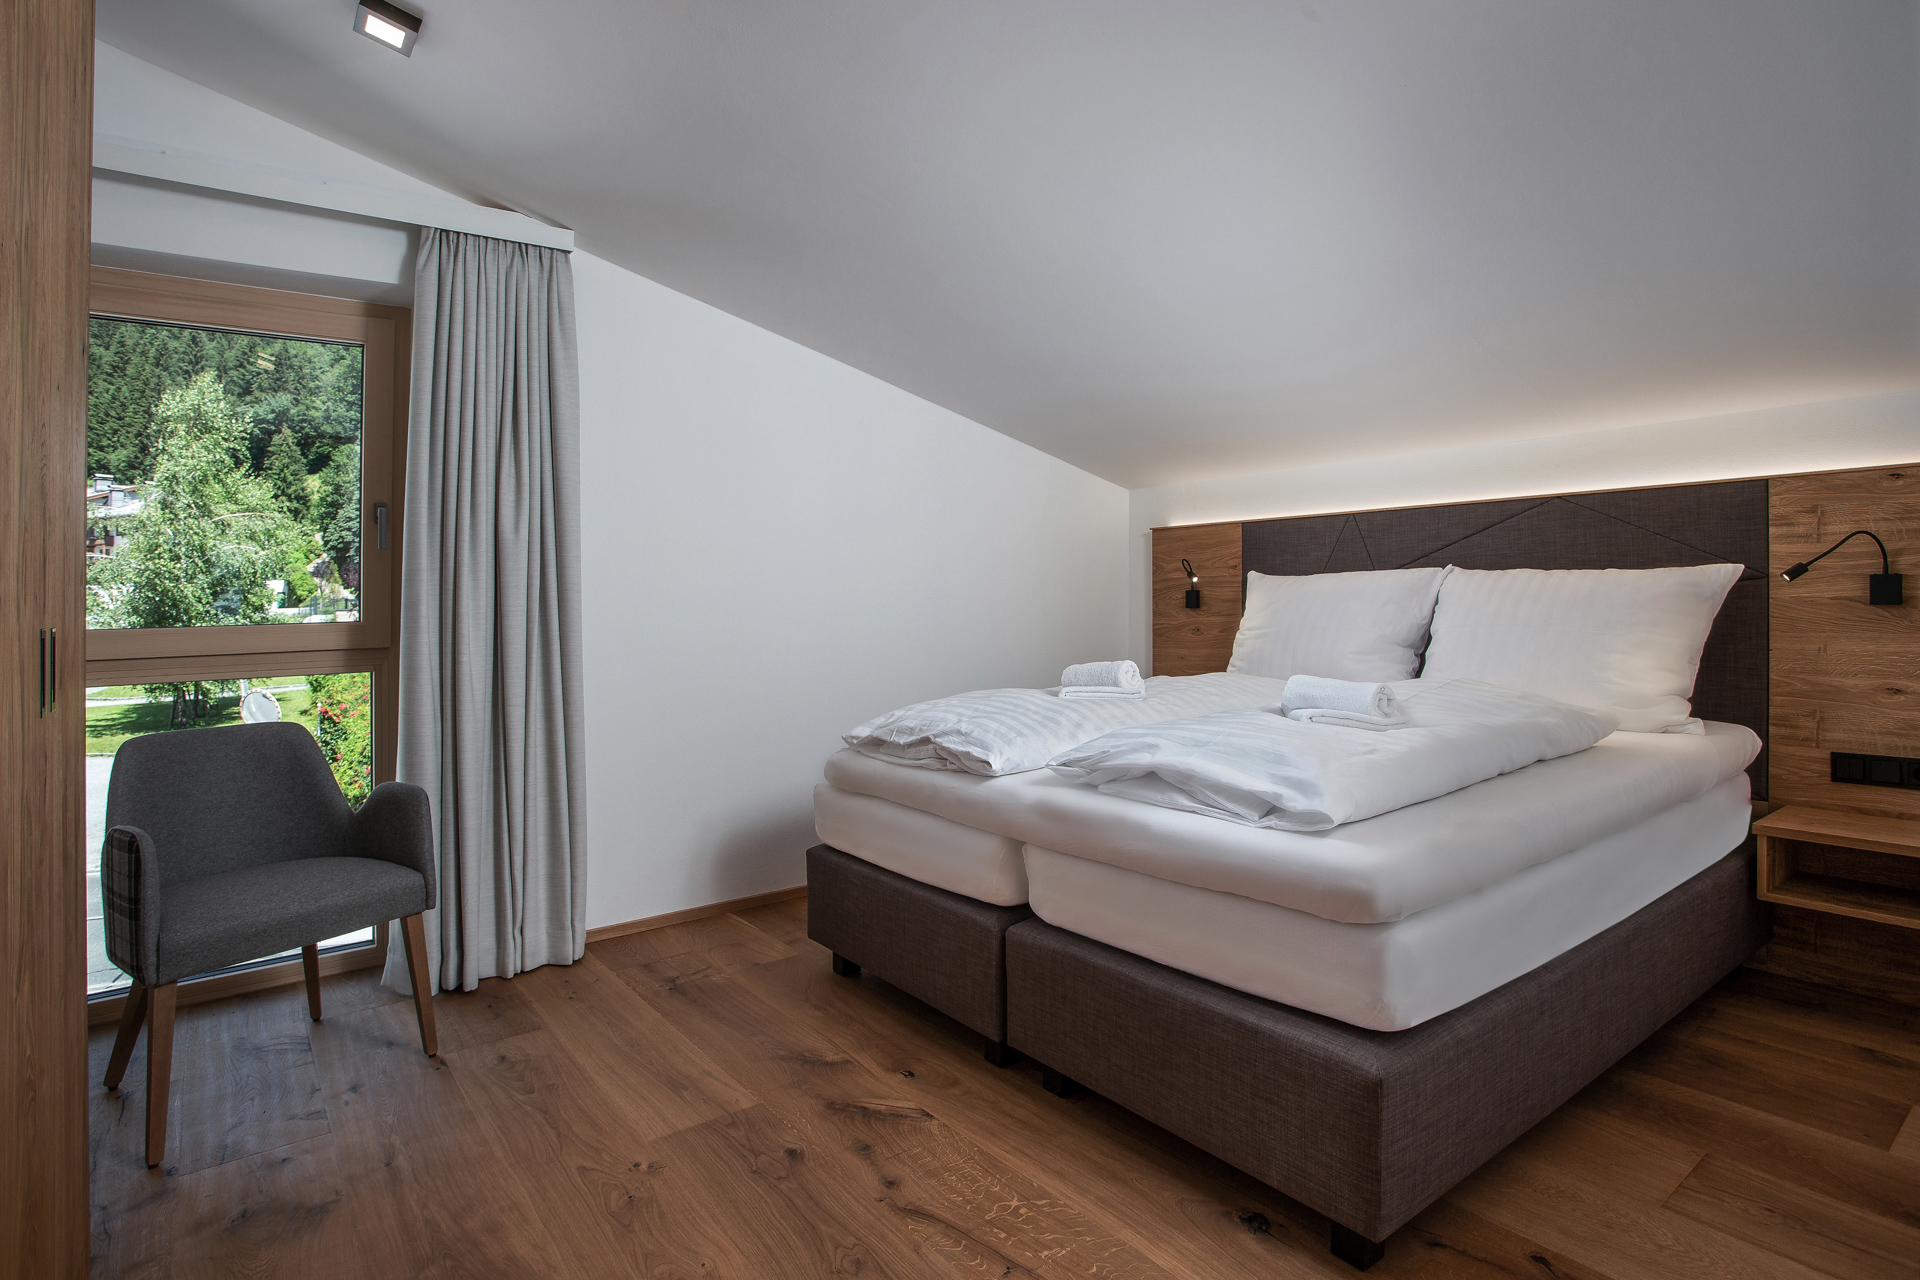 apartment-seeblick-2-5